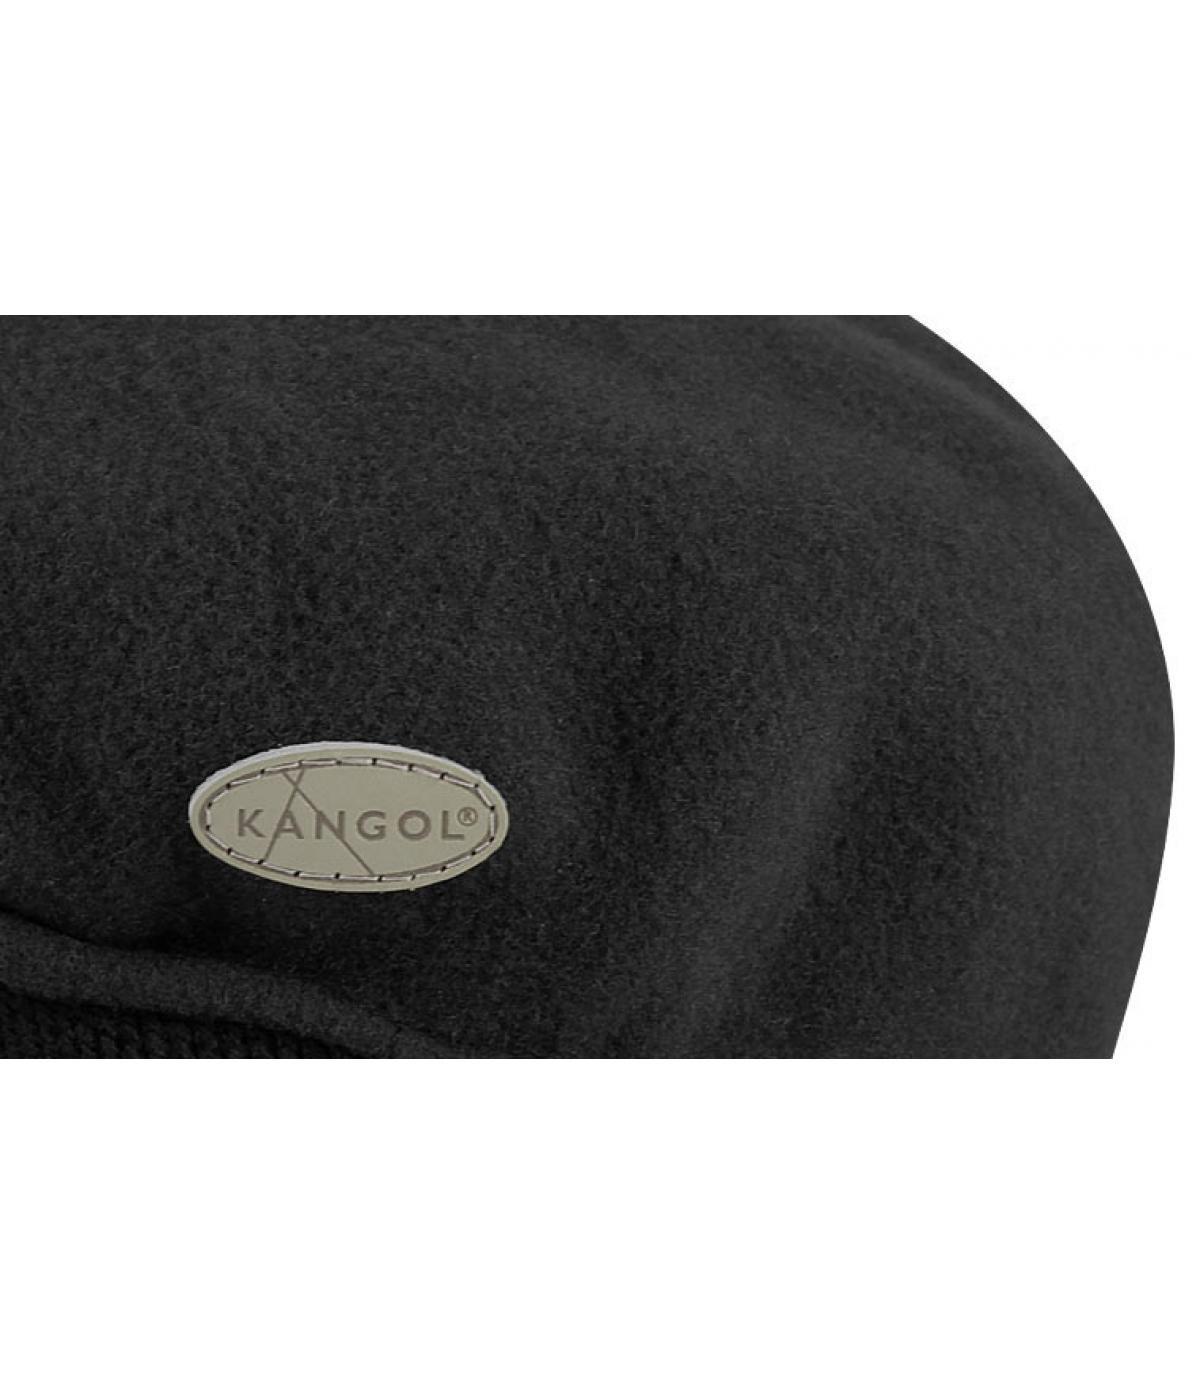 Détails 504 wool earflap black - image 2